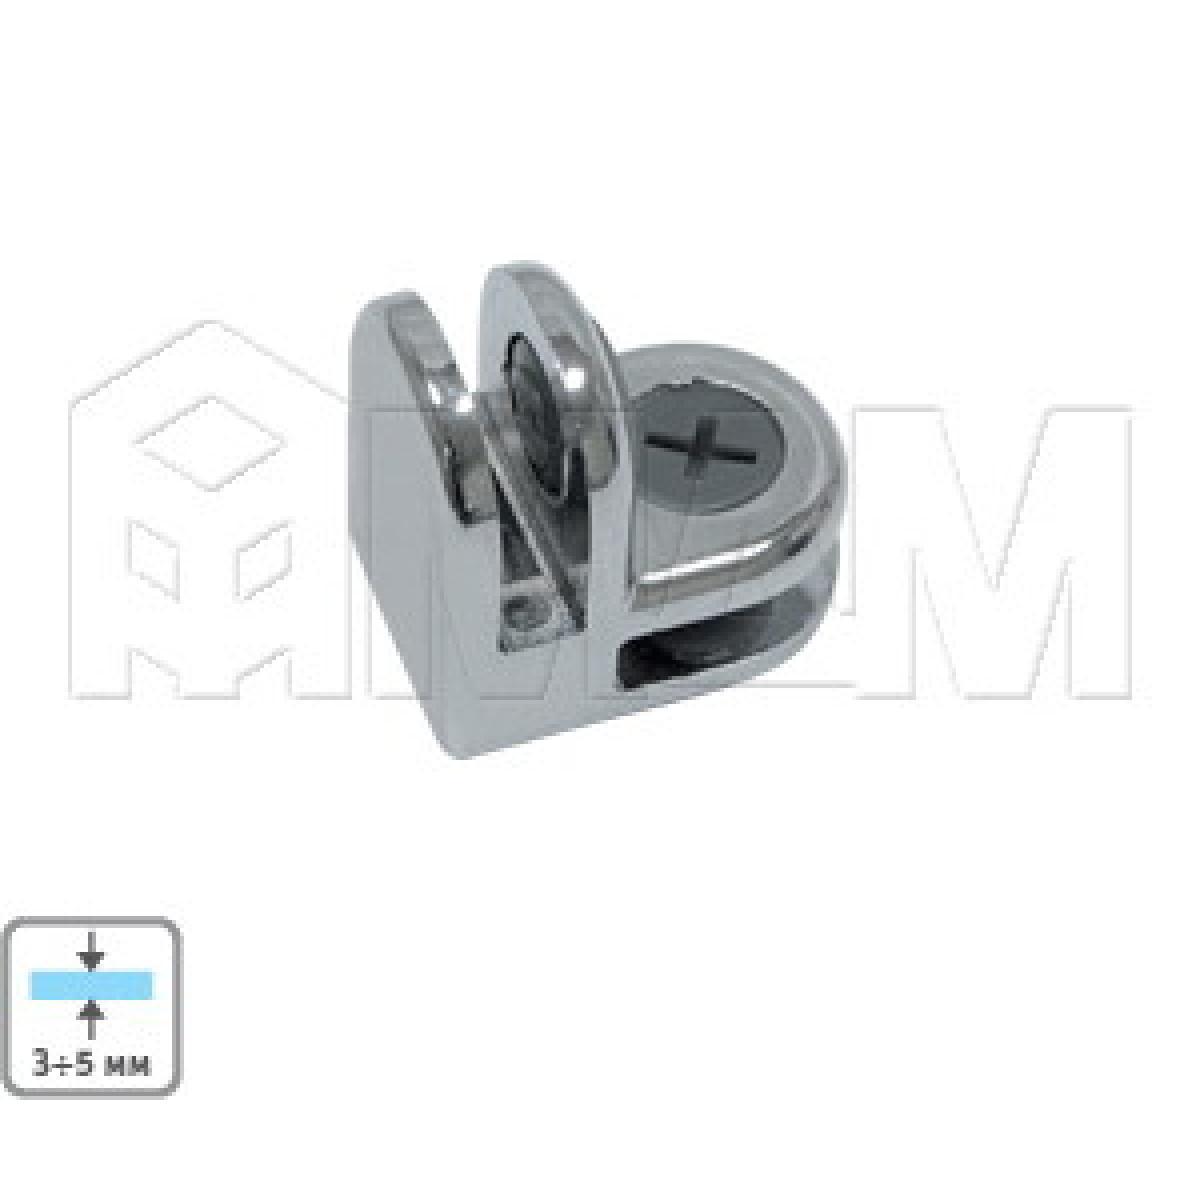 Соединители - Соединитель для 2-х стекол 5 мм, хром, 1 шт